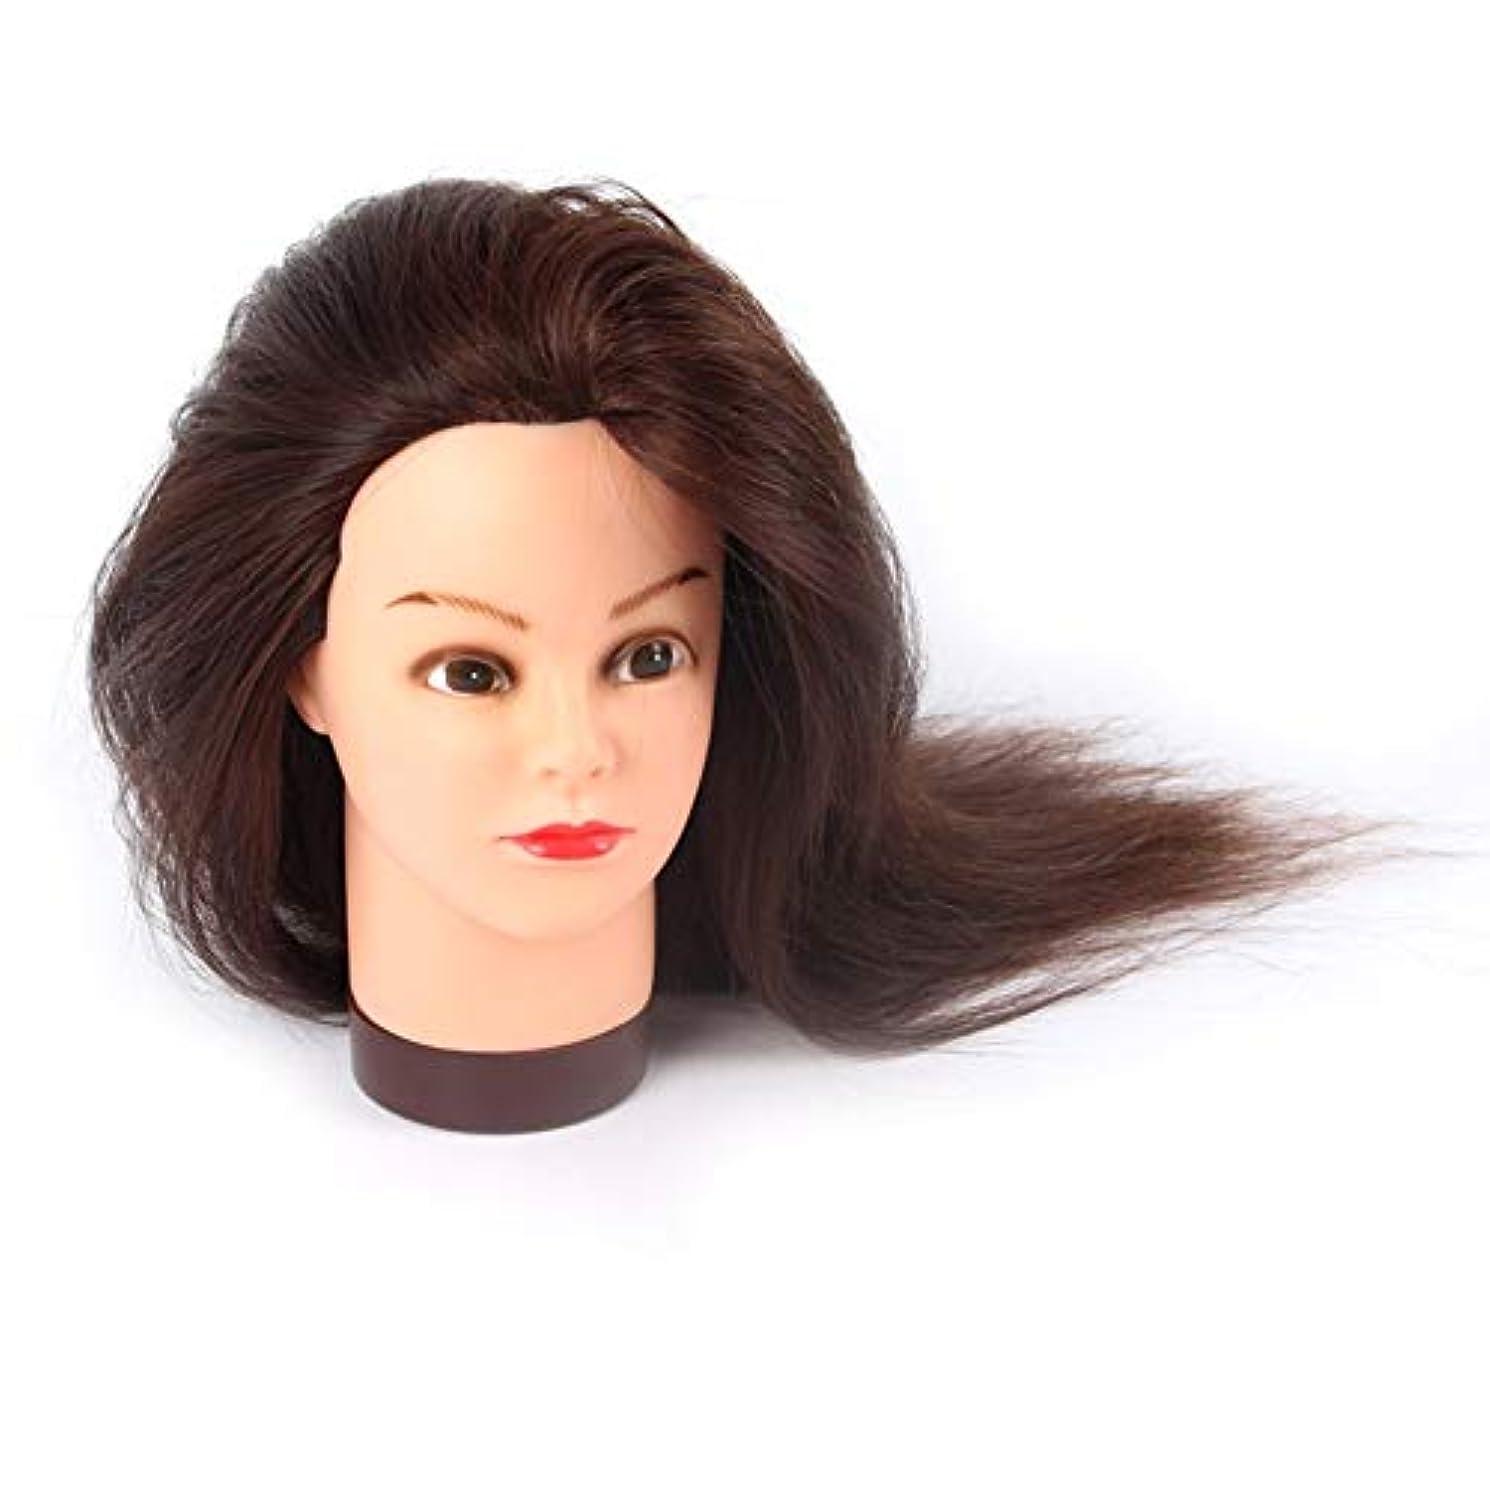 非常に怒っています食欲卑しいリアルヘア熱いロール指導ヘッド理髪店学習パーマ髪染めダミーヘッド花嫁メイクモデリングマネキンヘッド